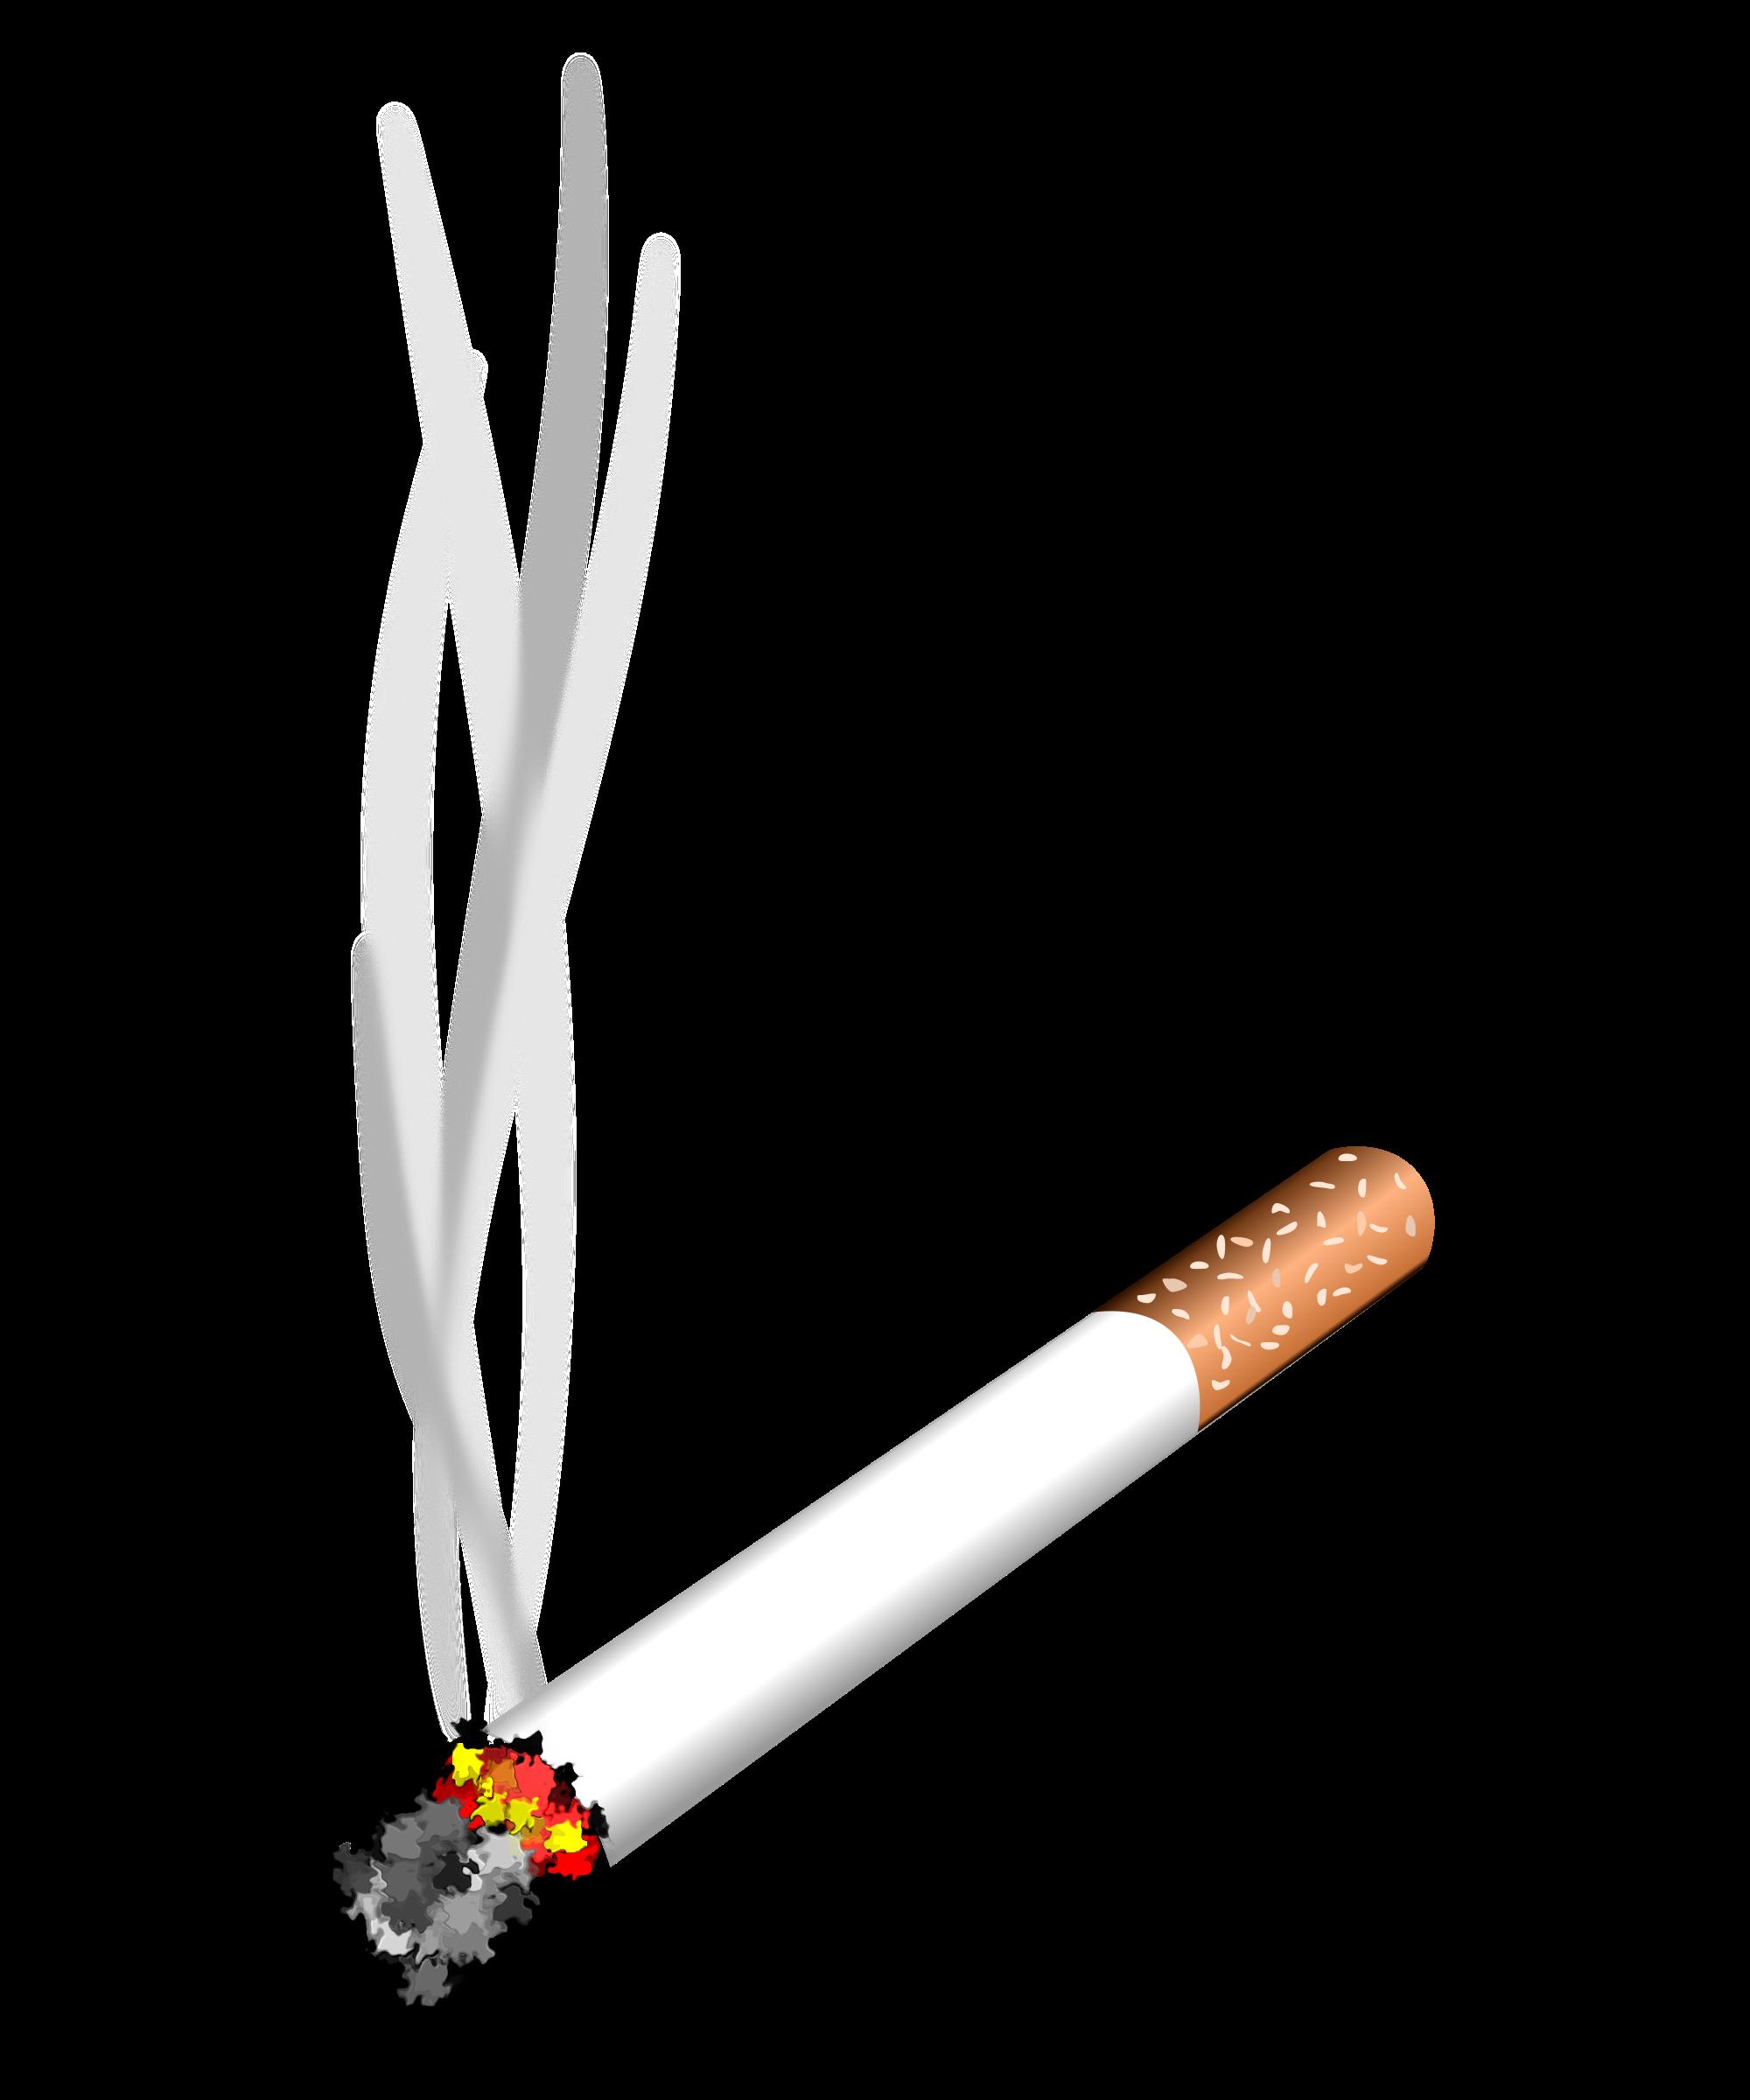 Thug Life Cigarette Smoke PNG